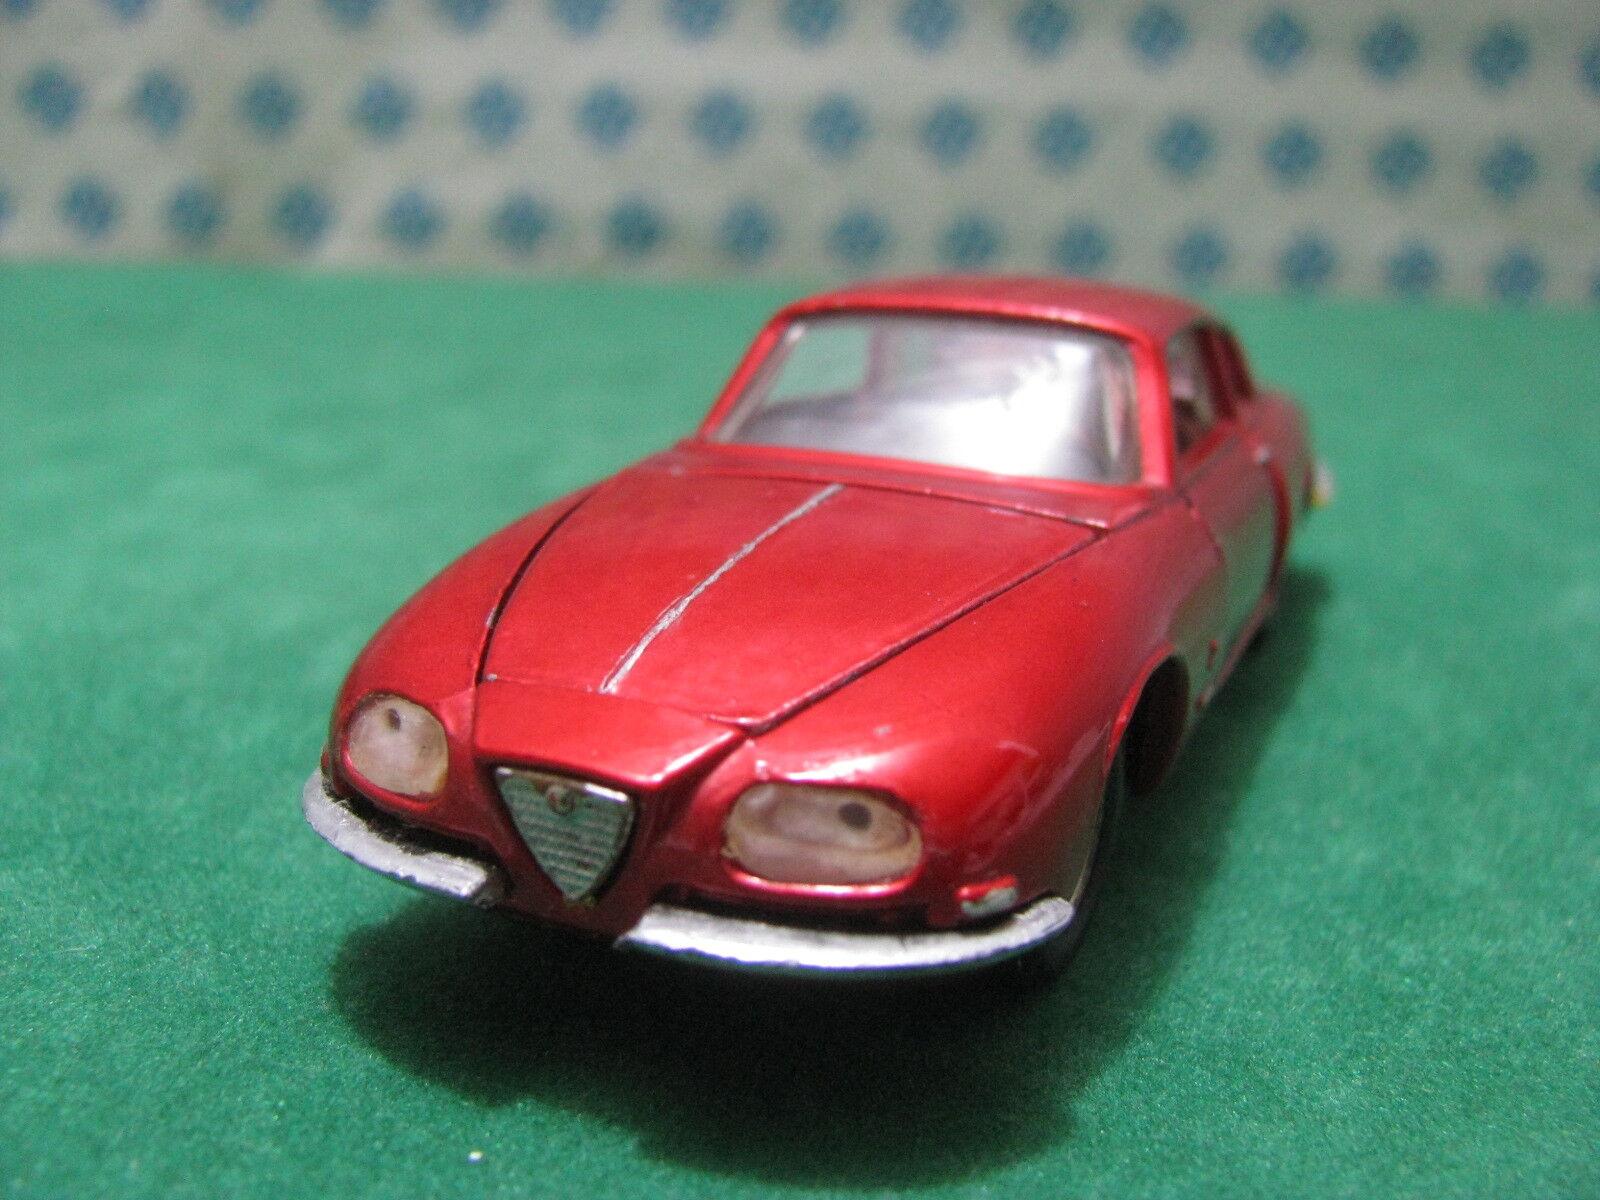 mejor precio Vintage  - - -  ALFA ROMEO 2600 SZ    - 1 43  PoliJuguetes-M530  precioso